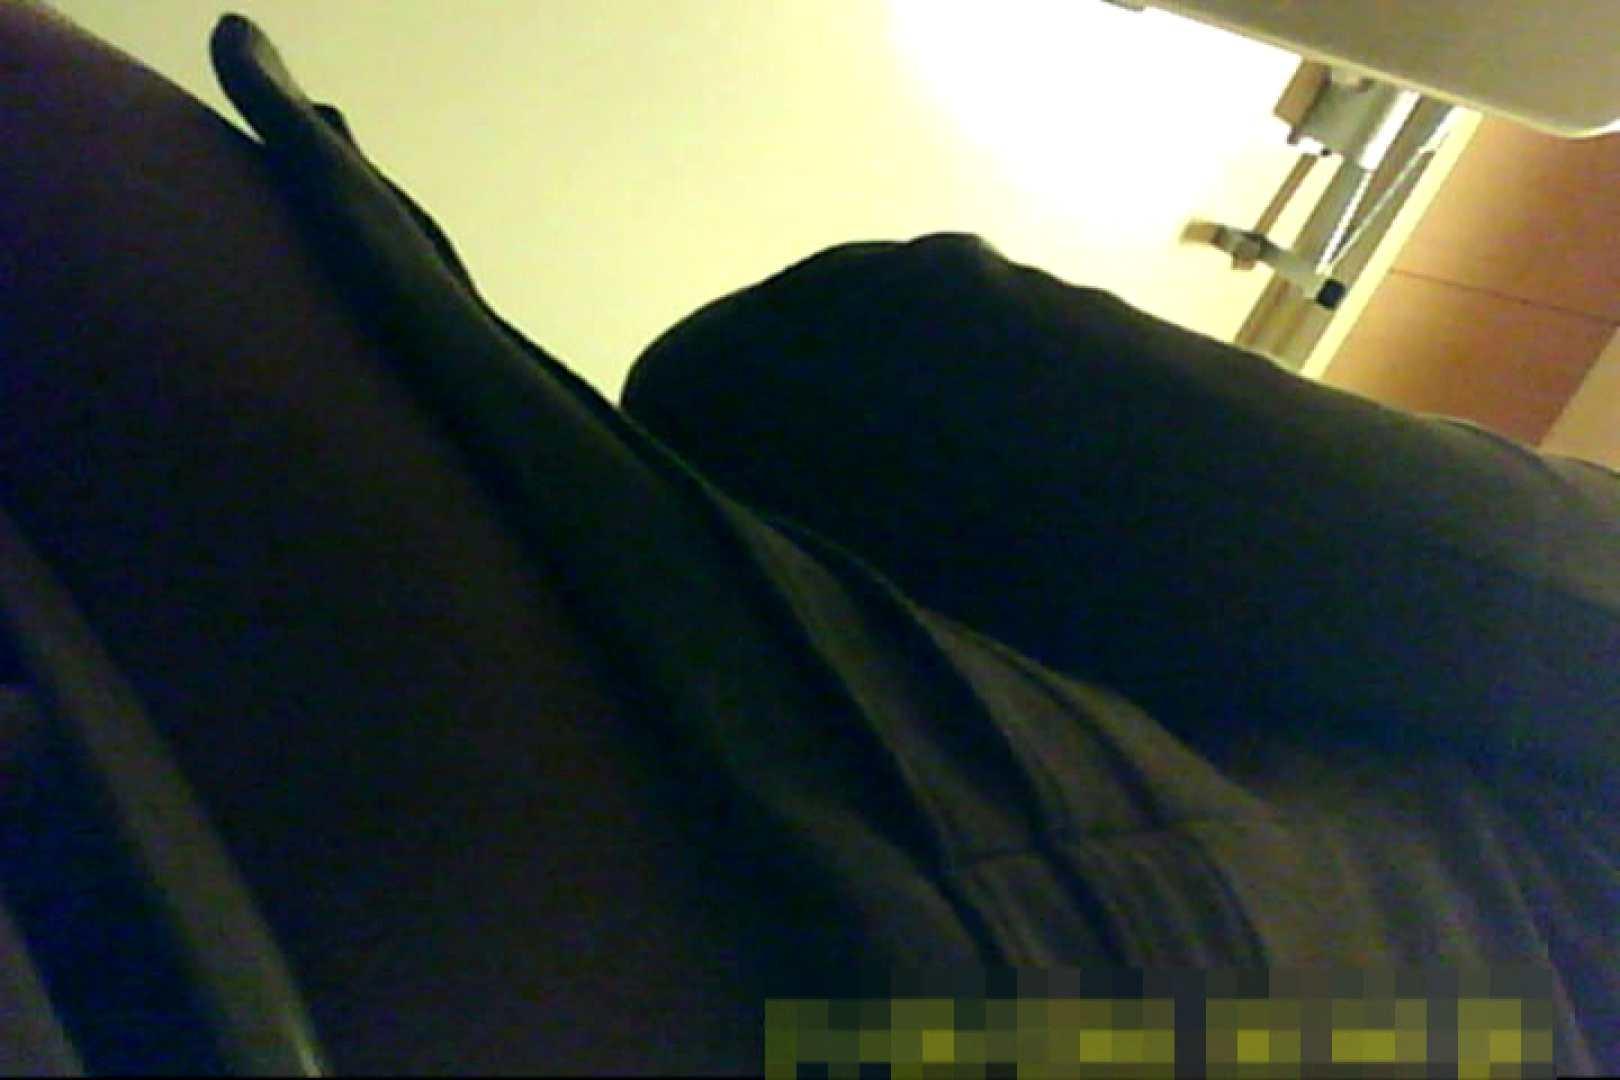 無修正エロ動画|魅惑の化粧室~禁断のプライベート空間~22|大奥